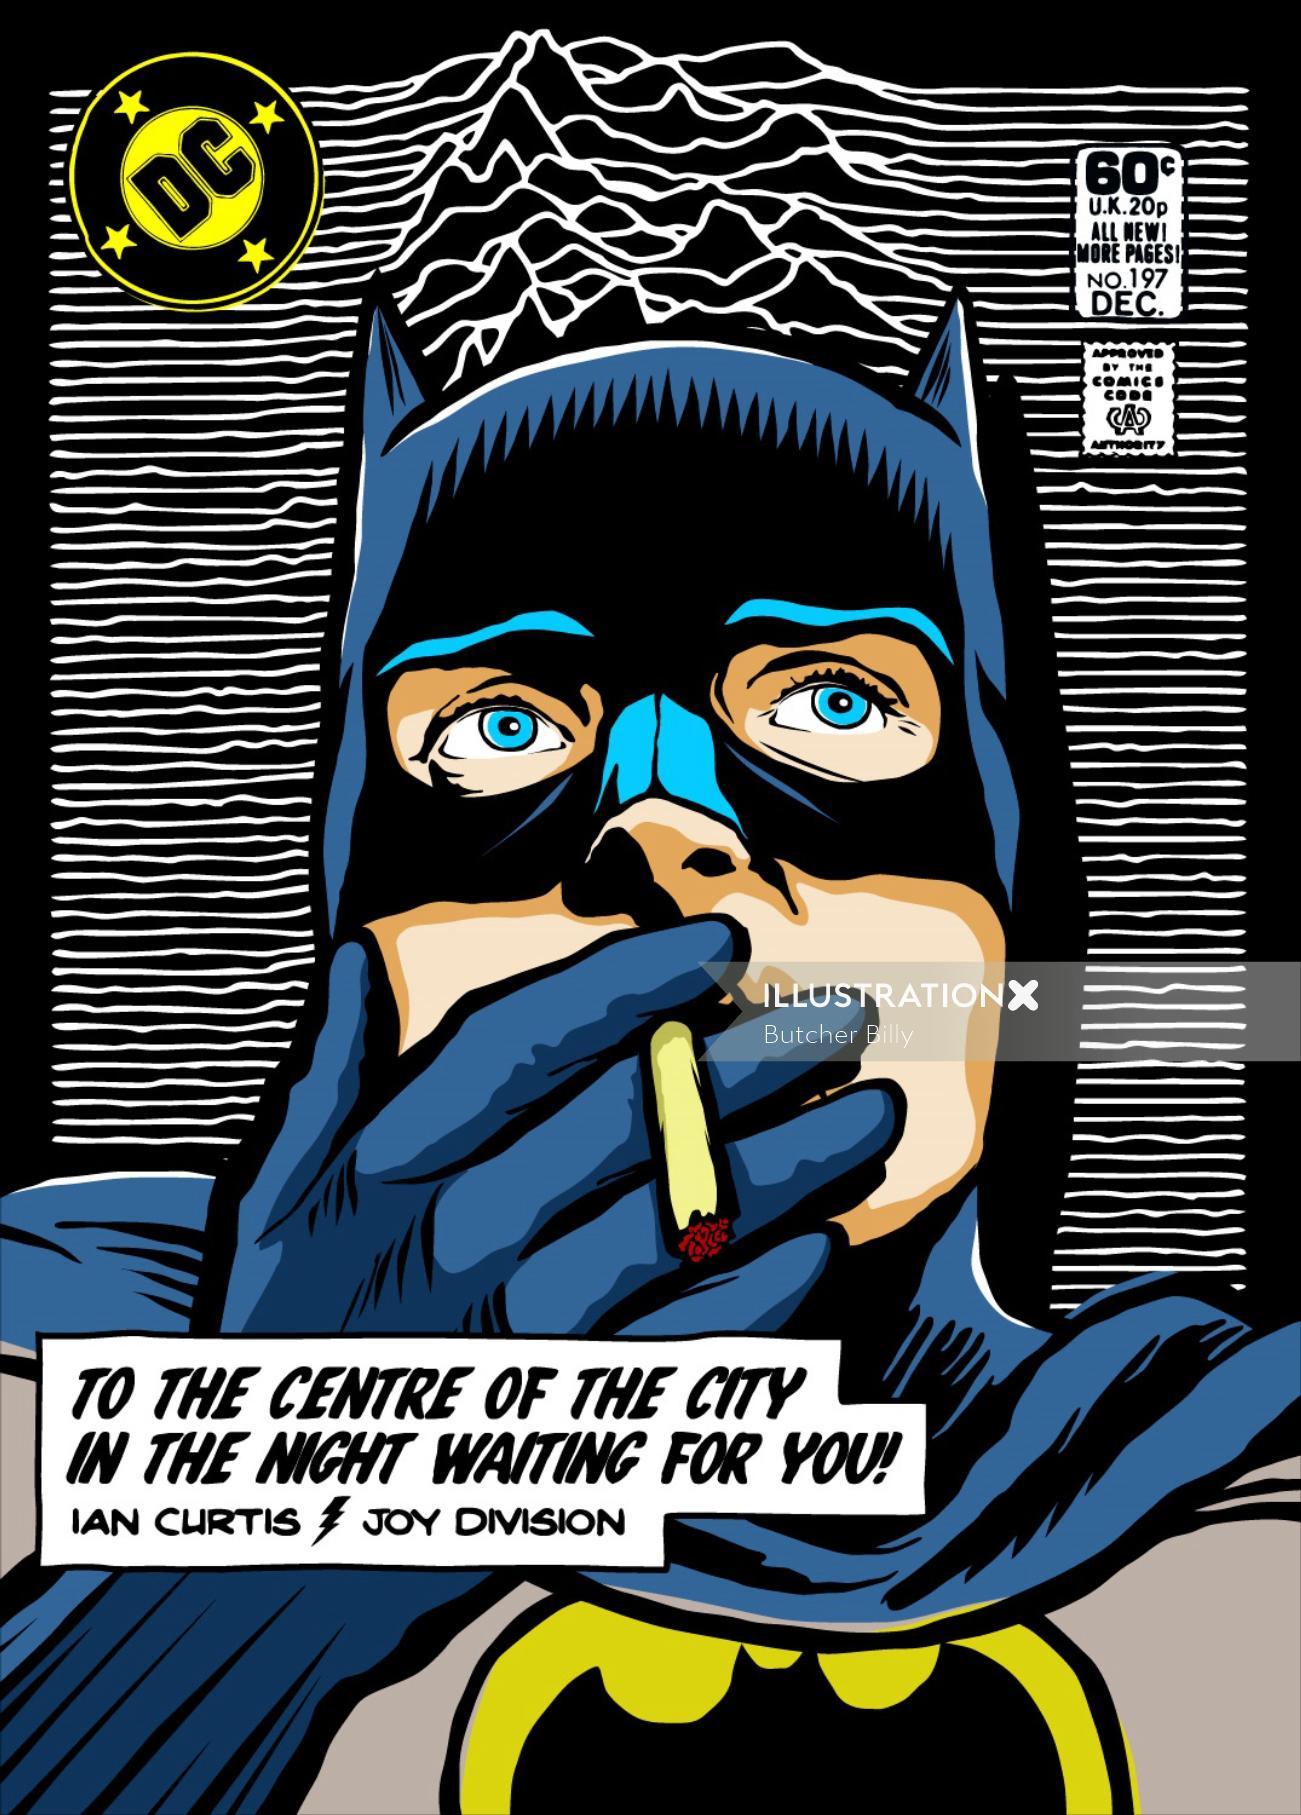 Pop culture illustration of Batman